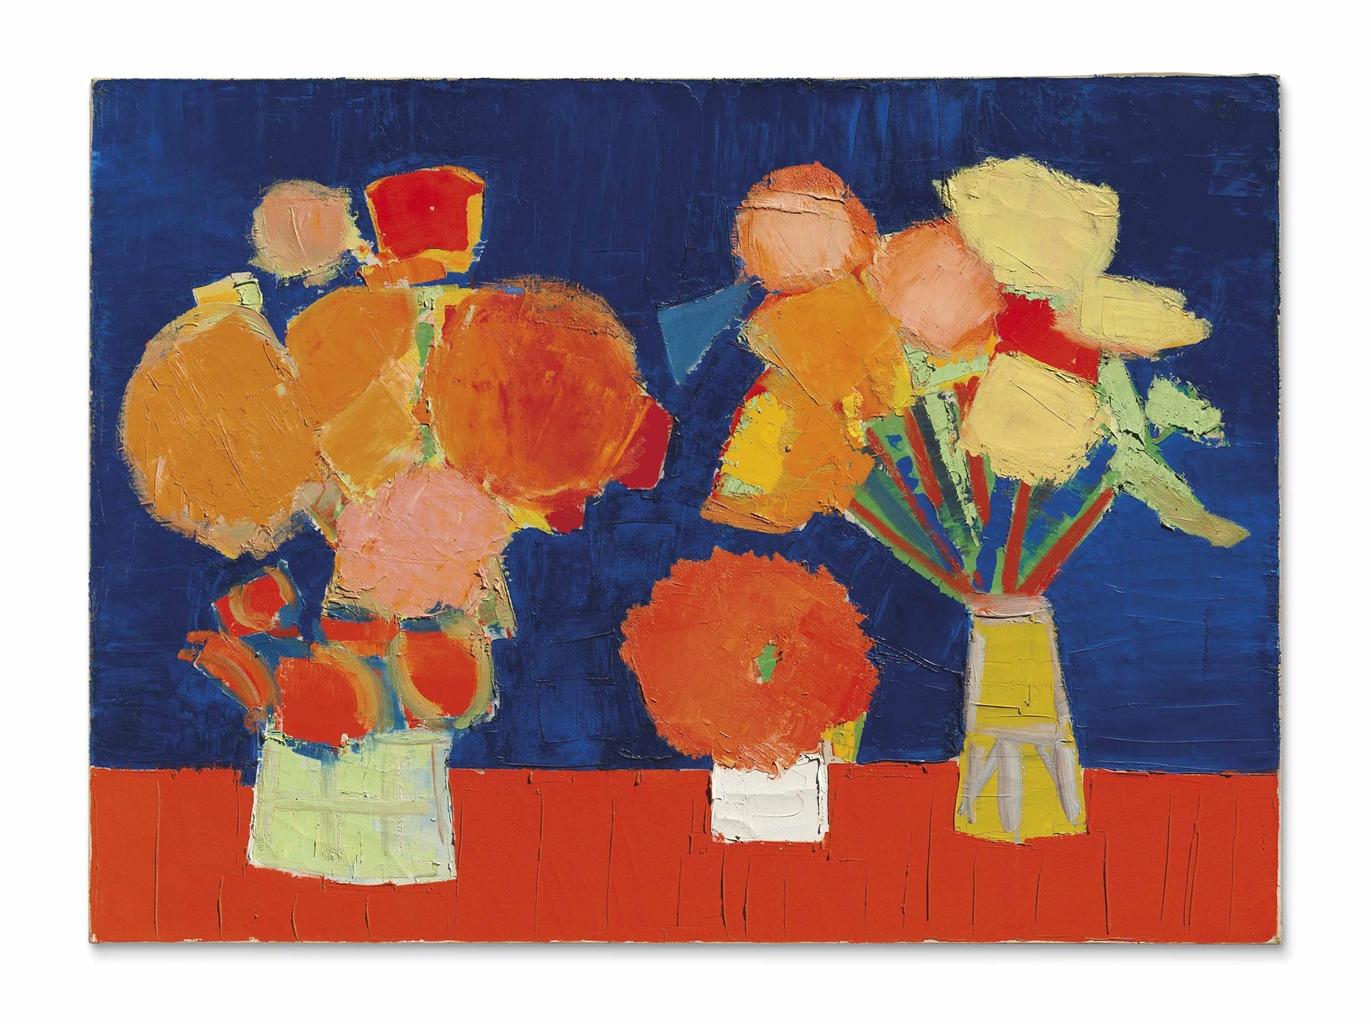 Nicolas de Stael-Deux Vases de Fleurs (Two Vases of Flowers)-1953